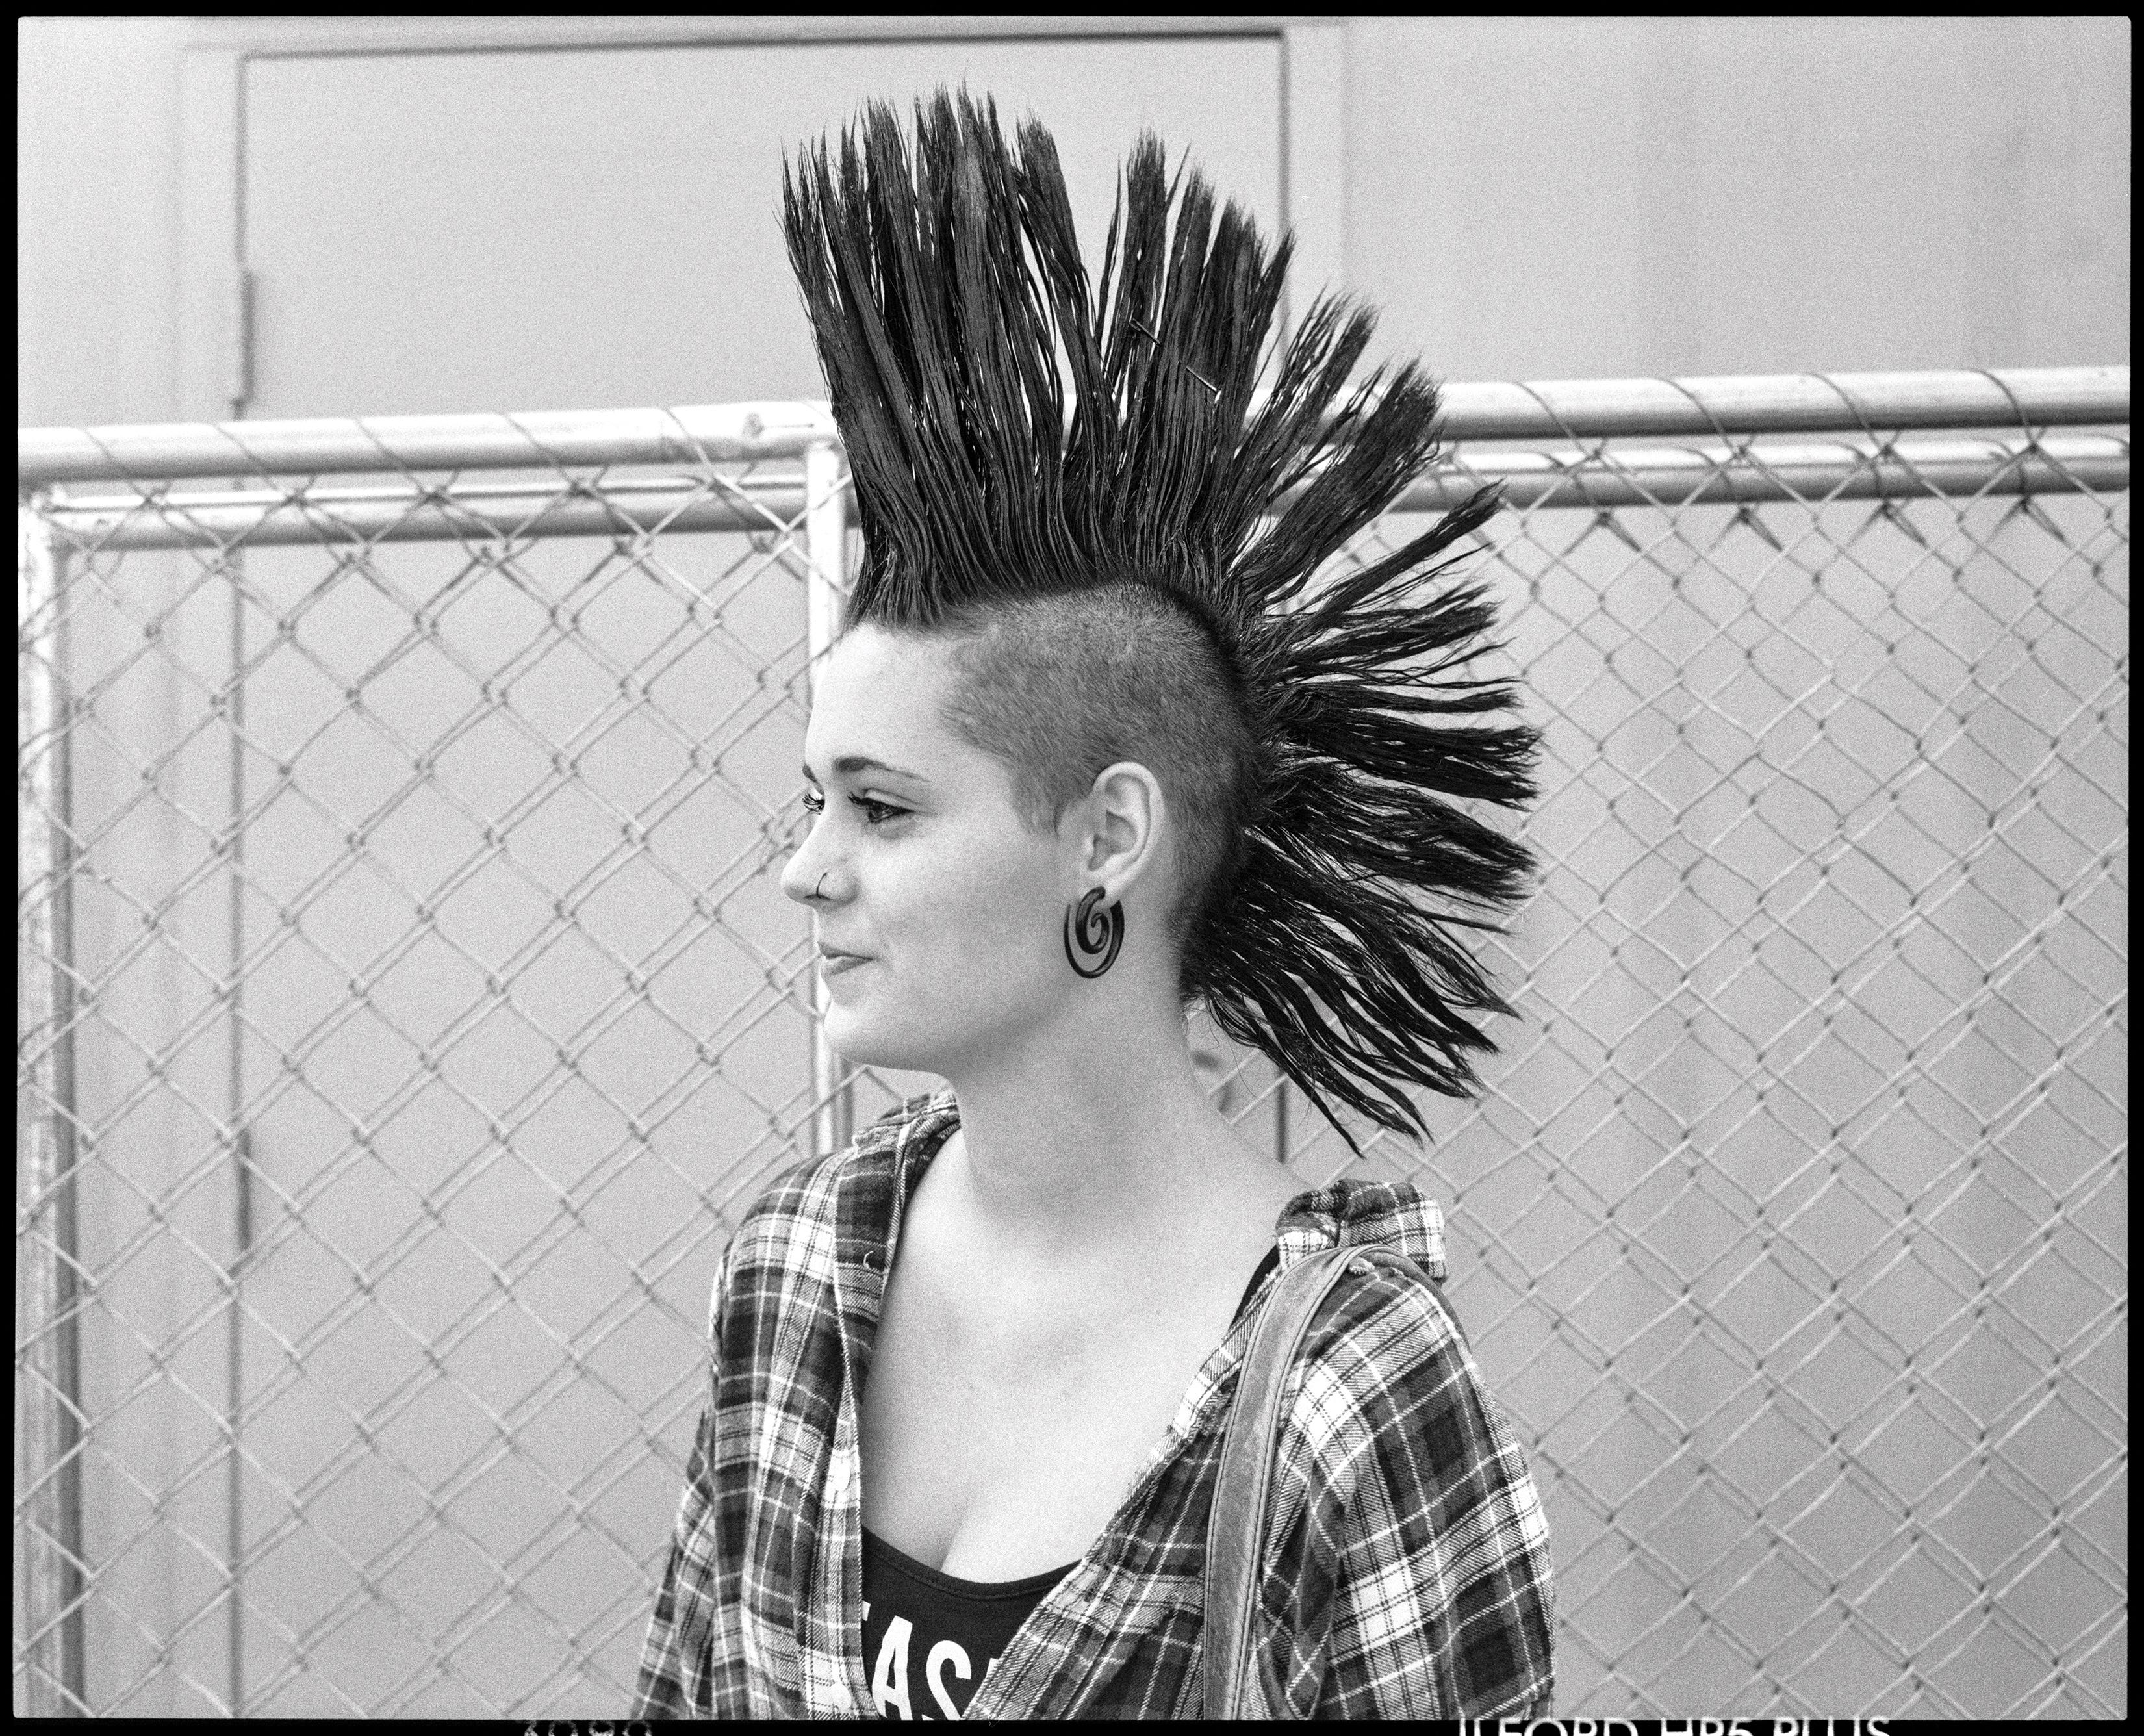 Die Verrucktesten Punk Frisuren Der Letzten 20 Jahre I D